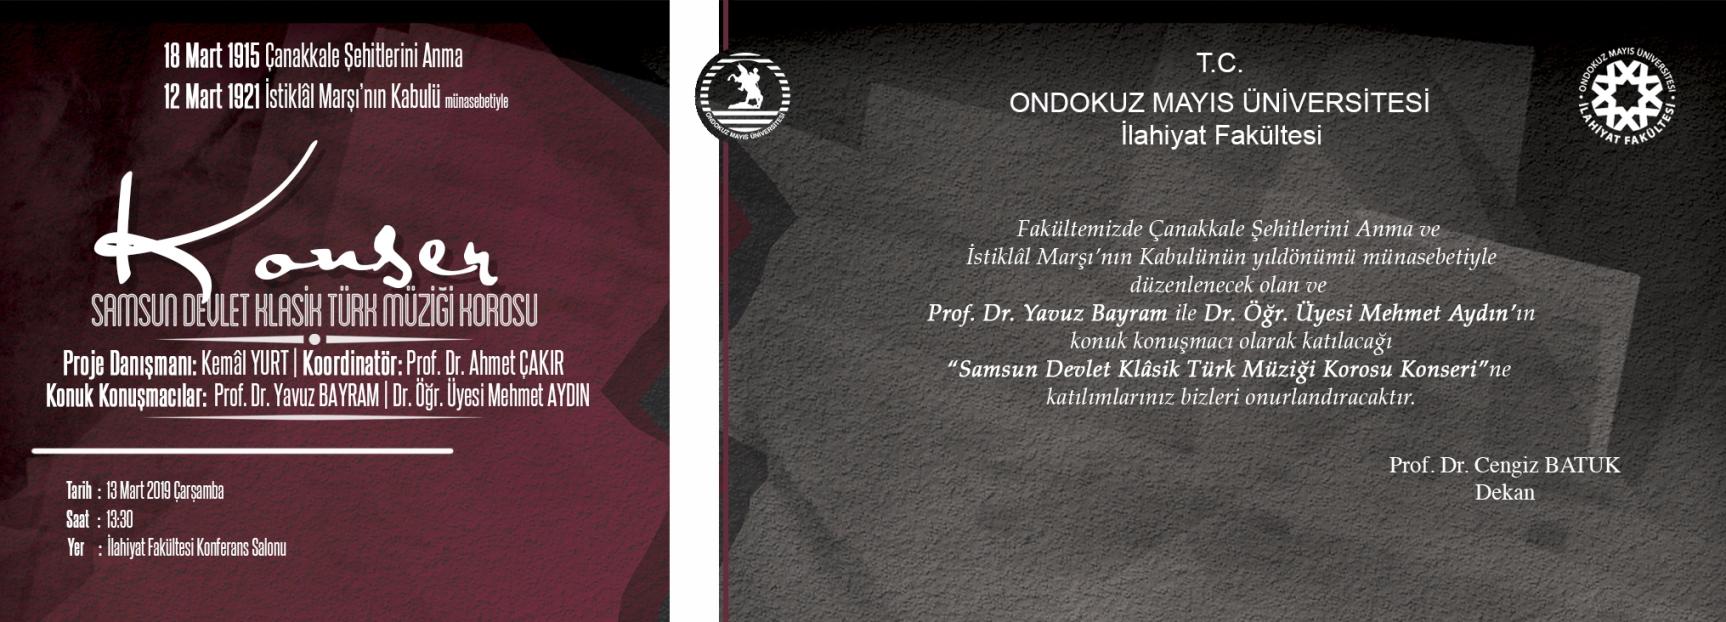 https://www.omu.edu.tr/sites/default/files/canakkale_konser_davetiye.jpg